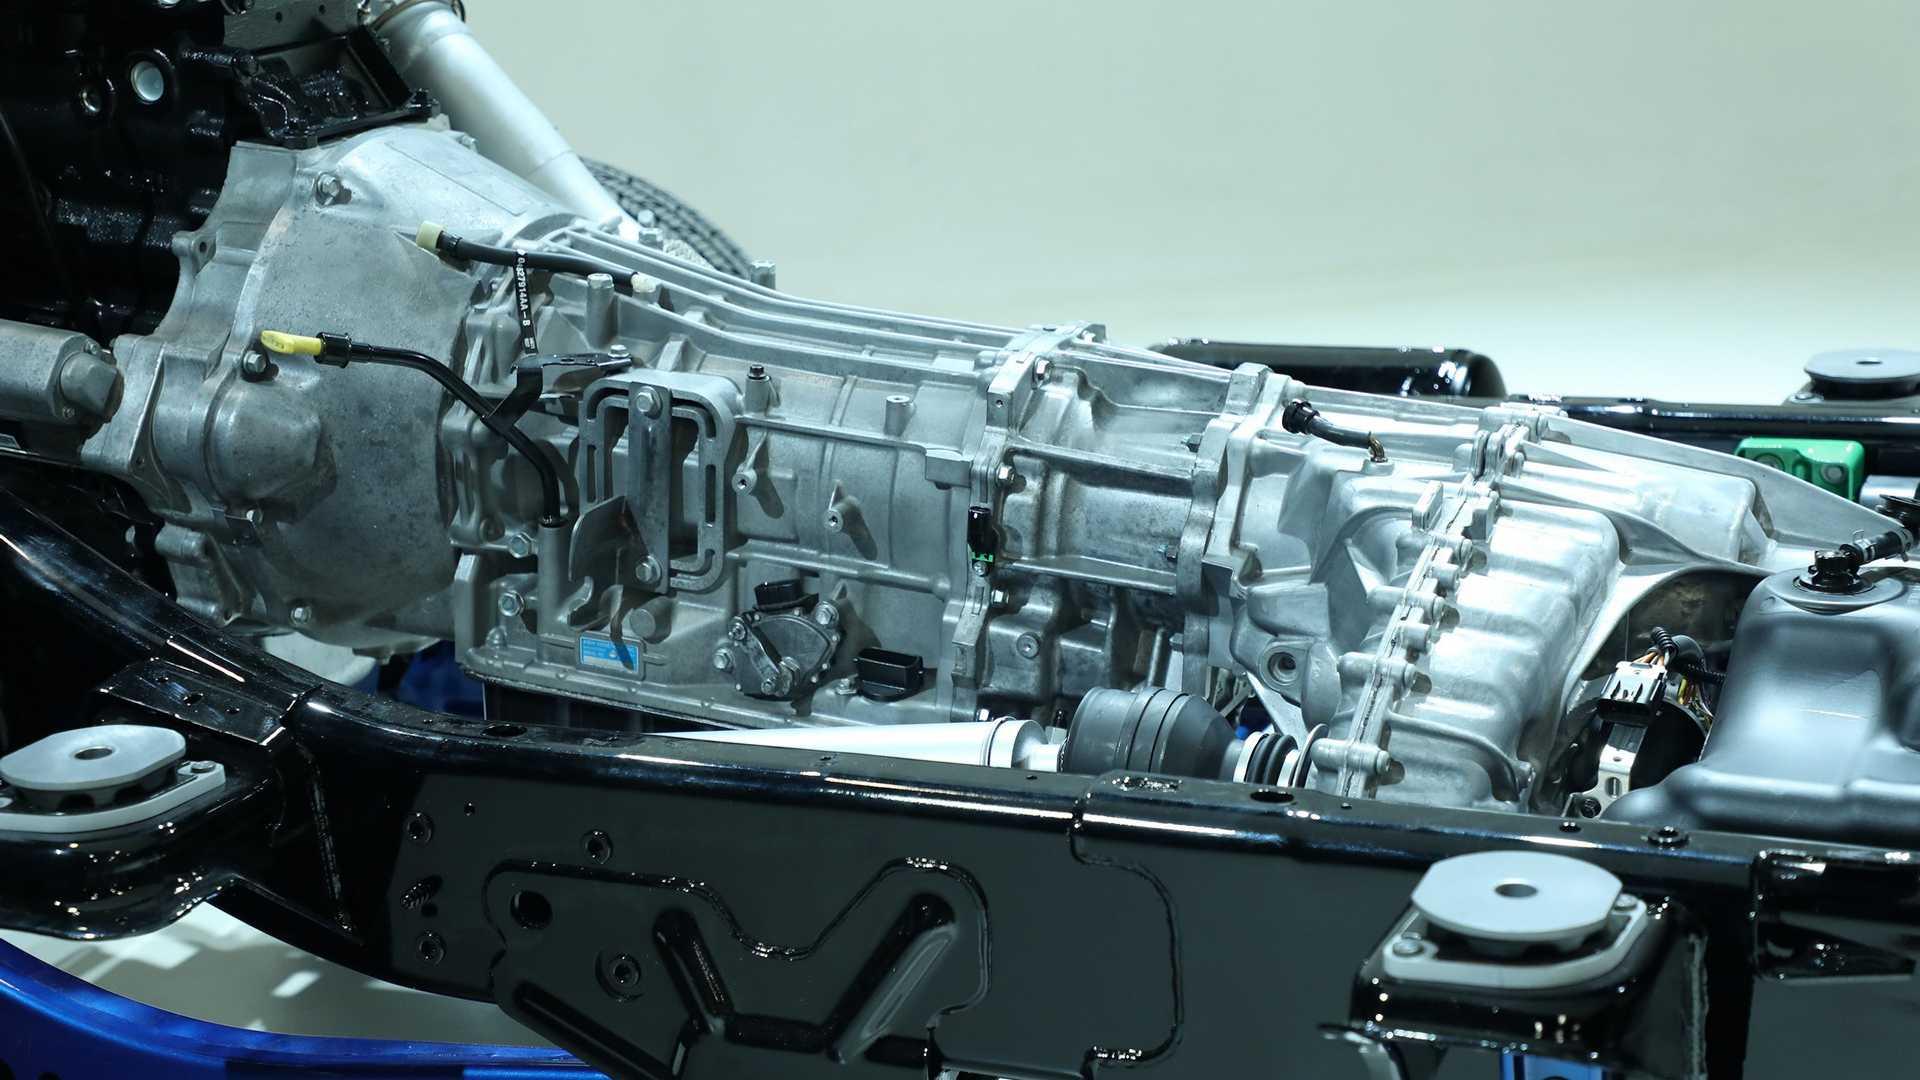 2019-ram-heavy-duty-powertrain-technologies (33)